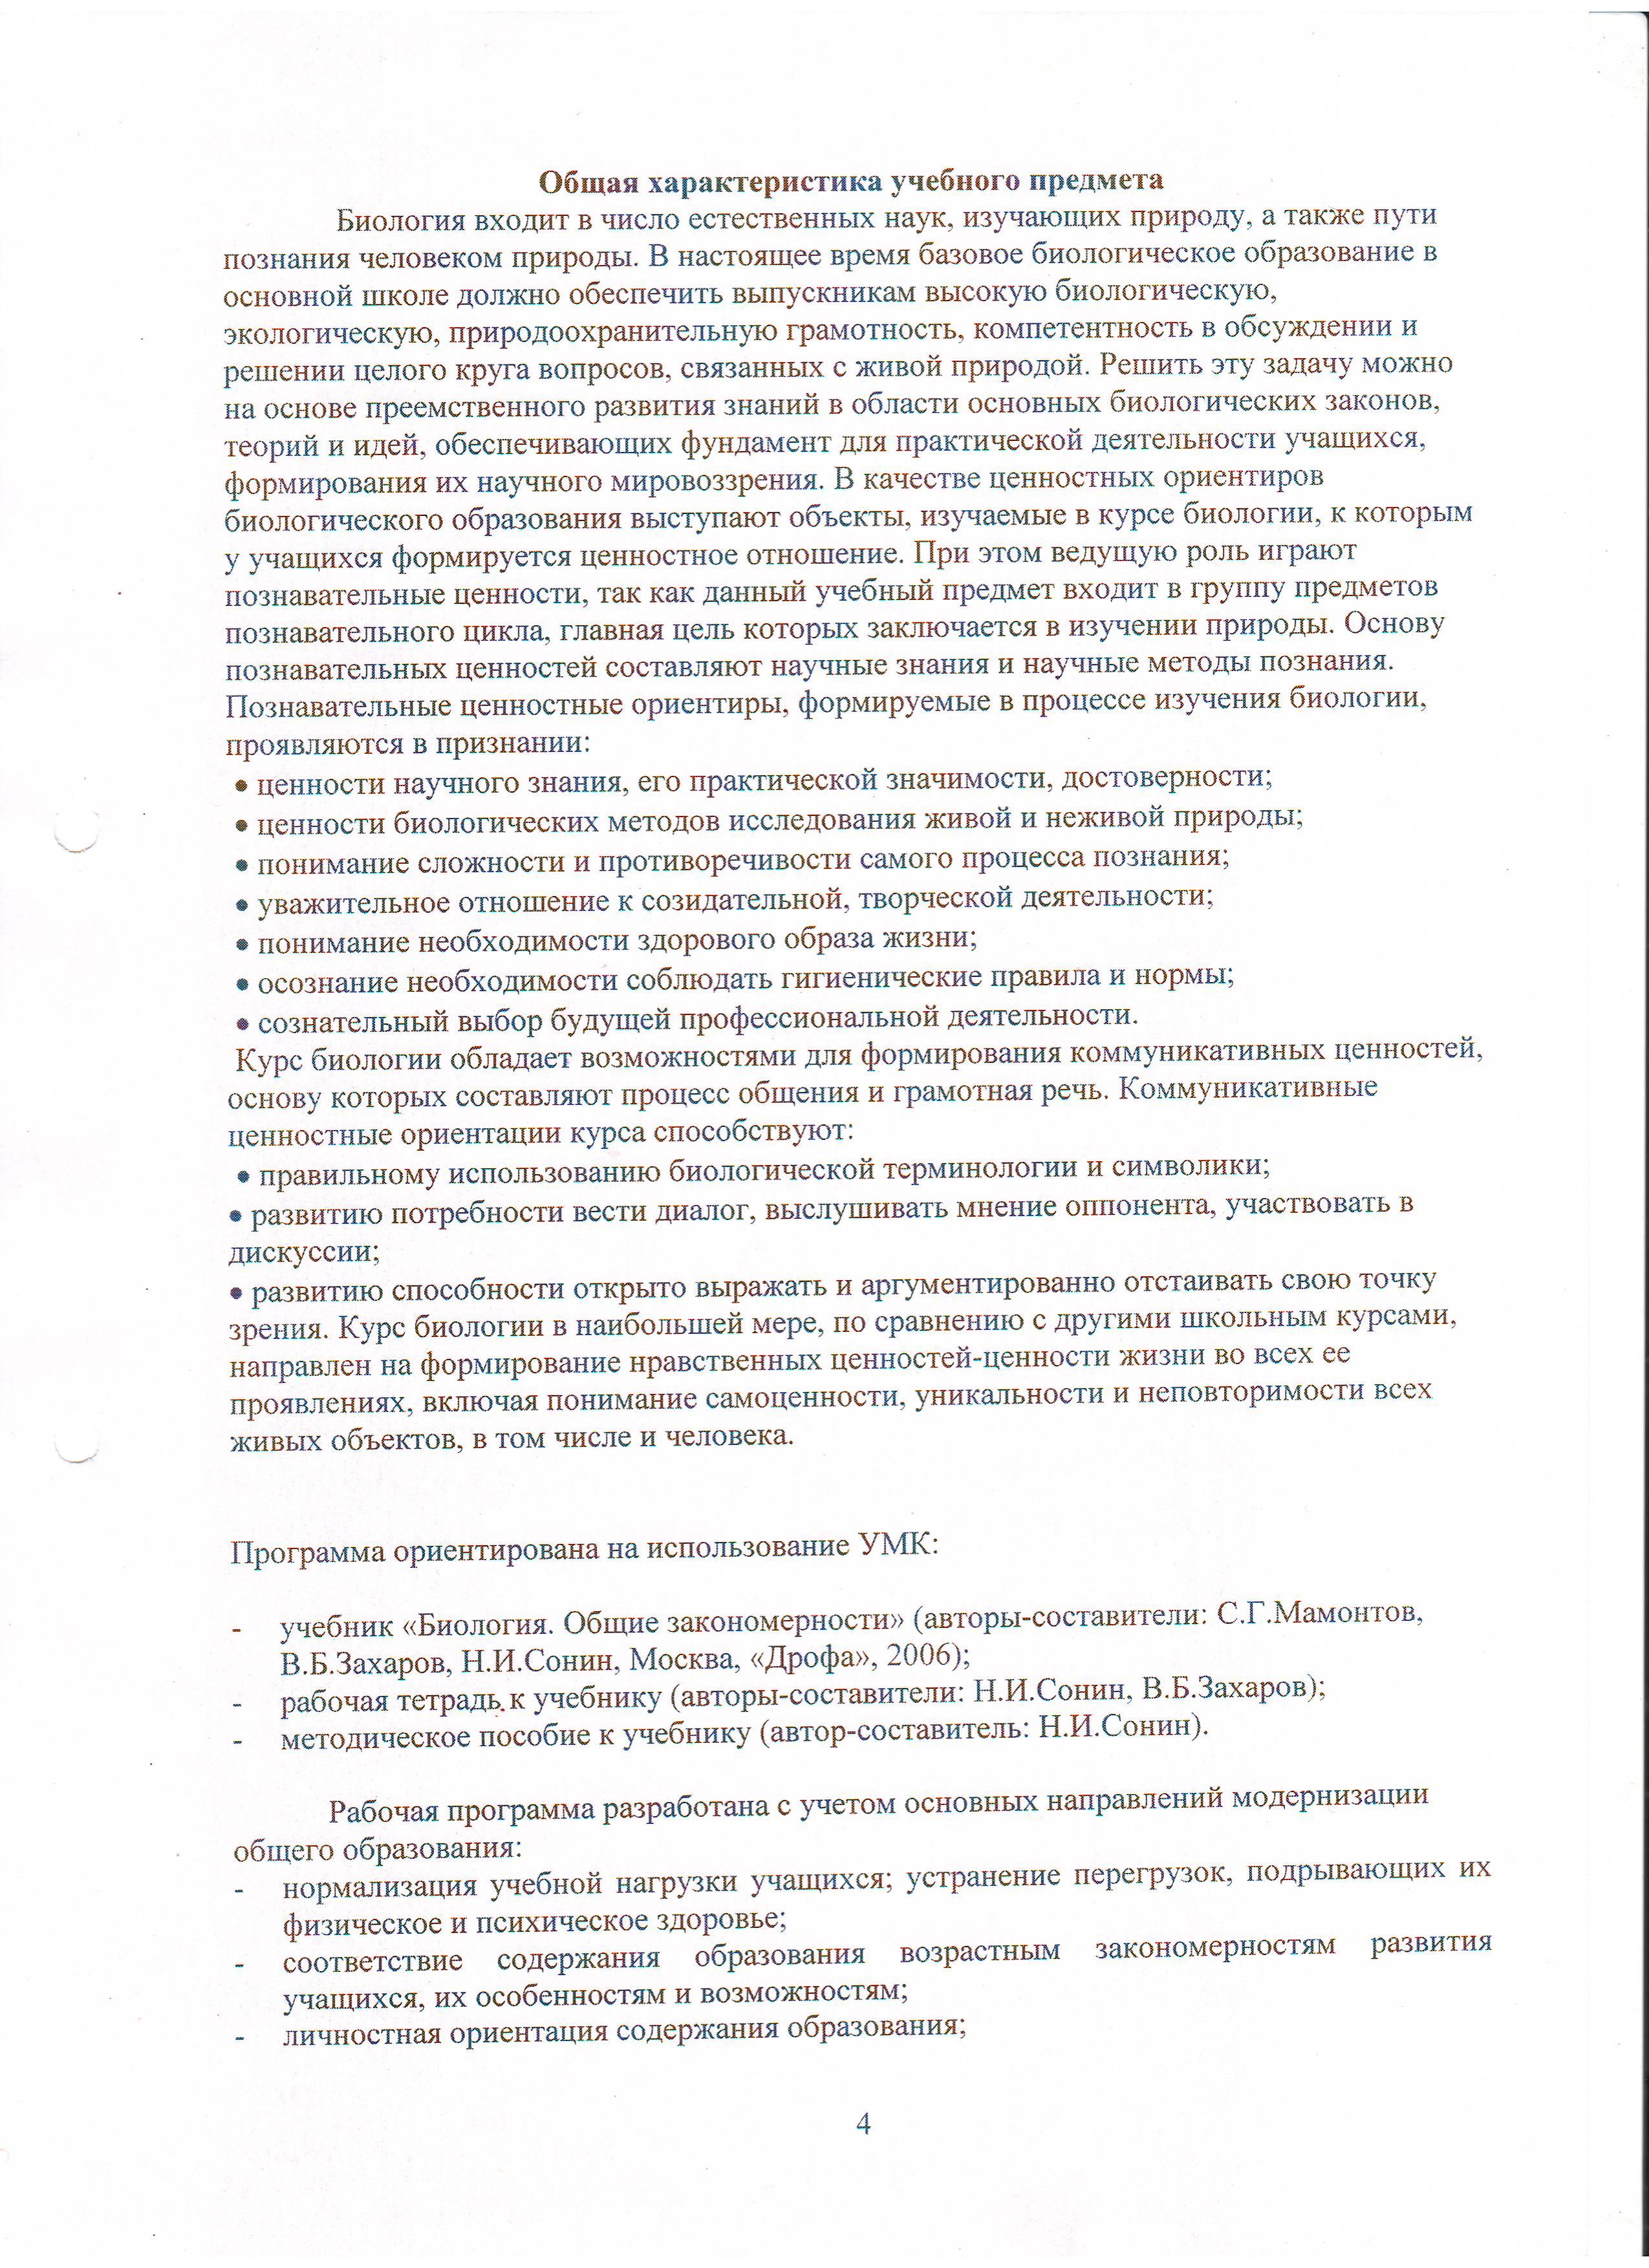 rabochaya-programma-po-biologii-po-uchebniku-sonin-6-klass-s-belkoy